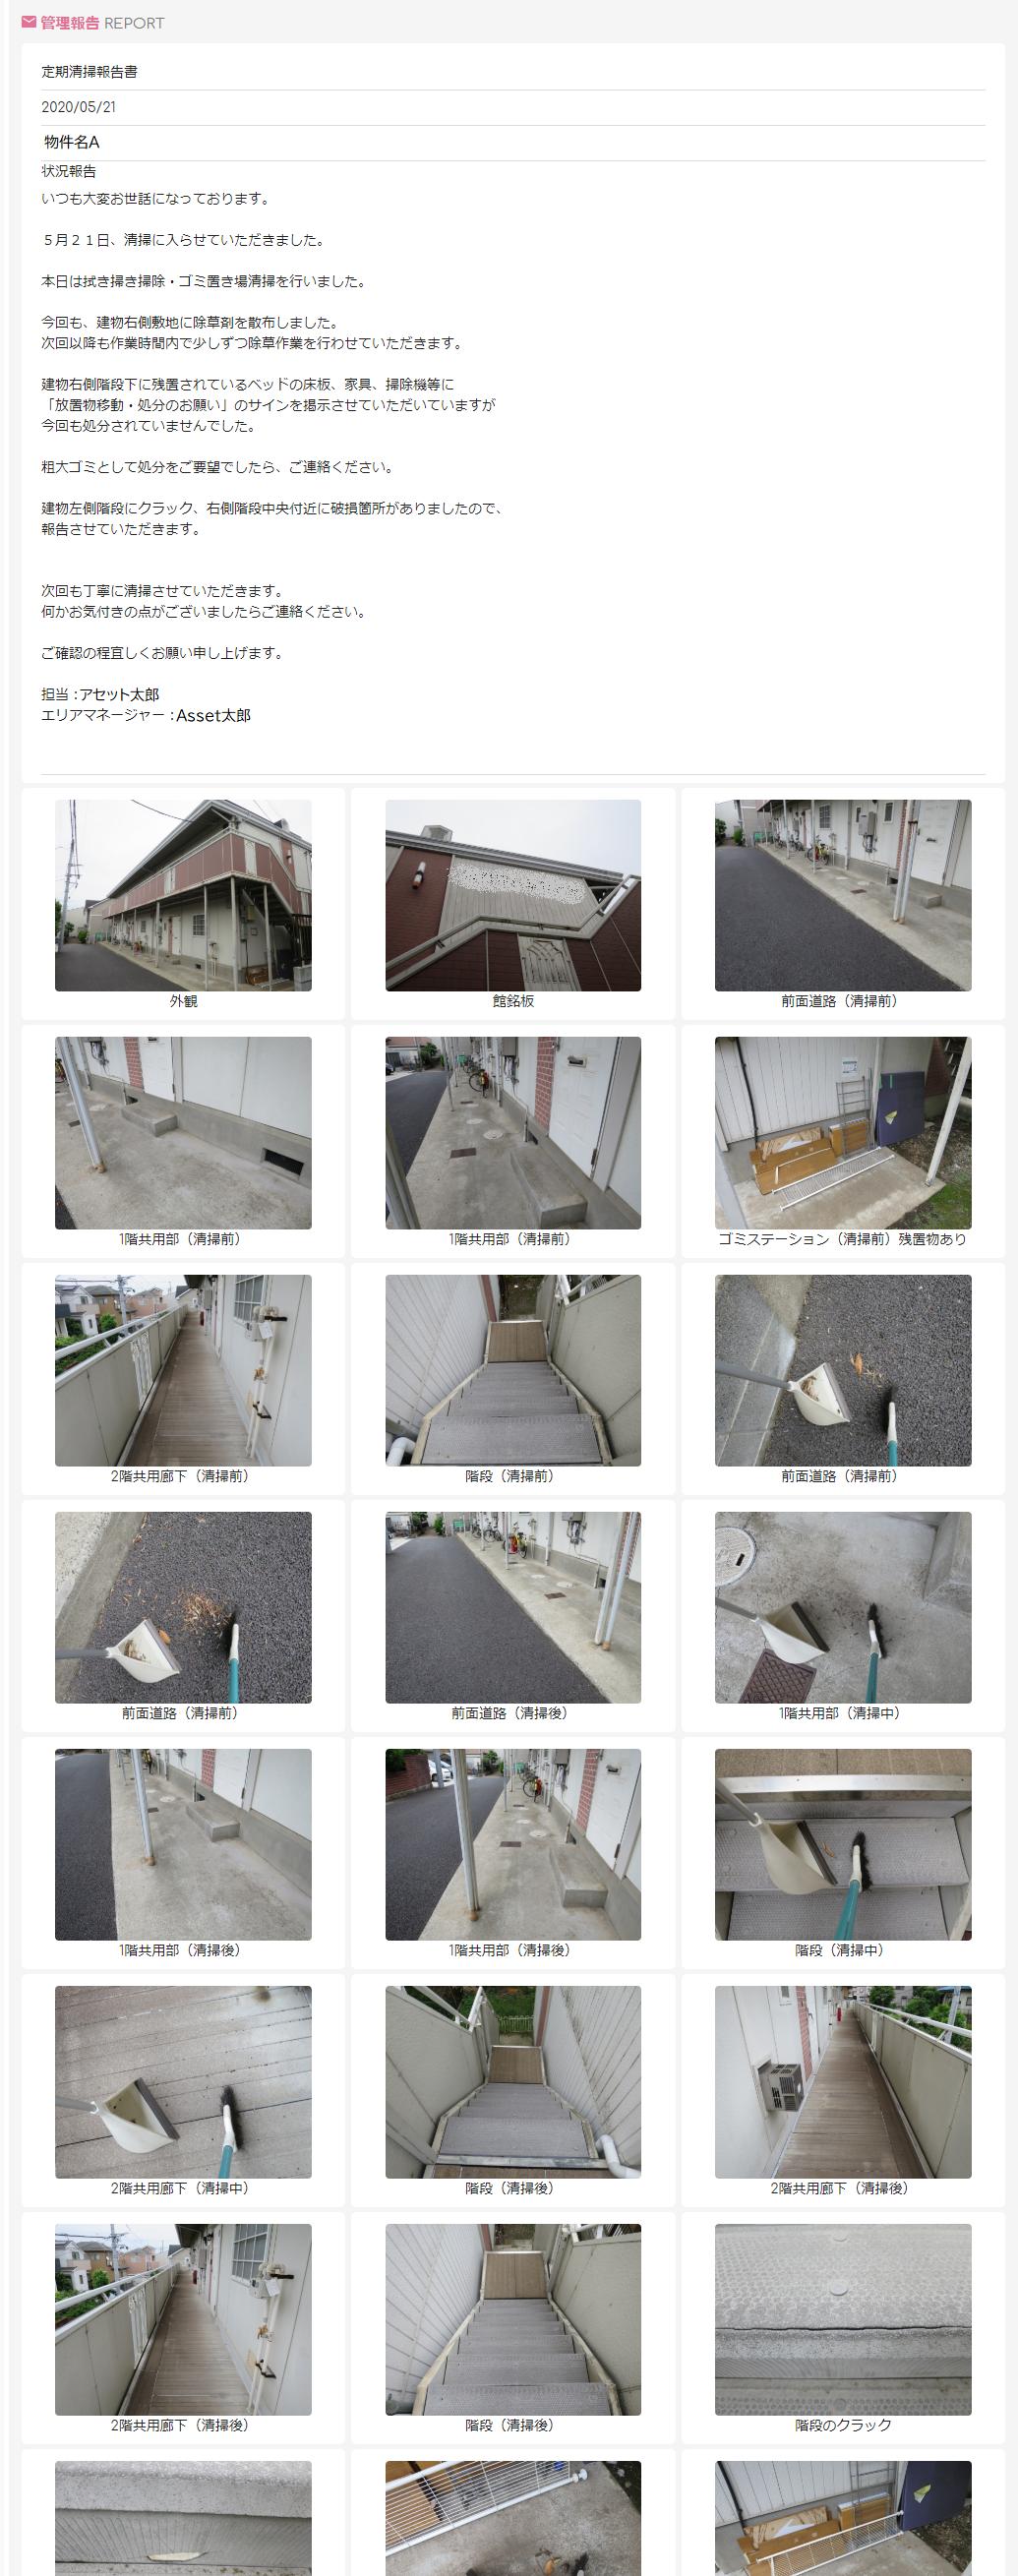 建物メンテ報告の画面サンプル